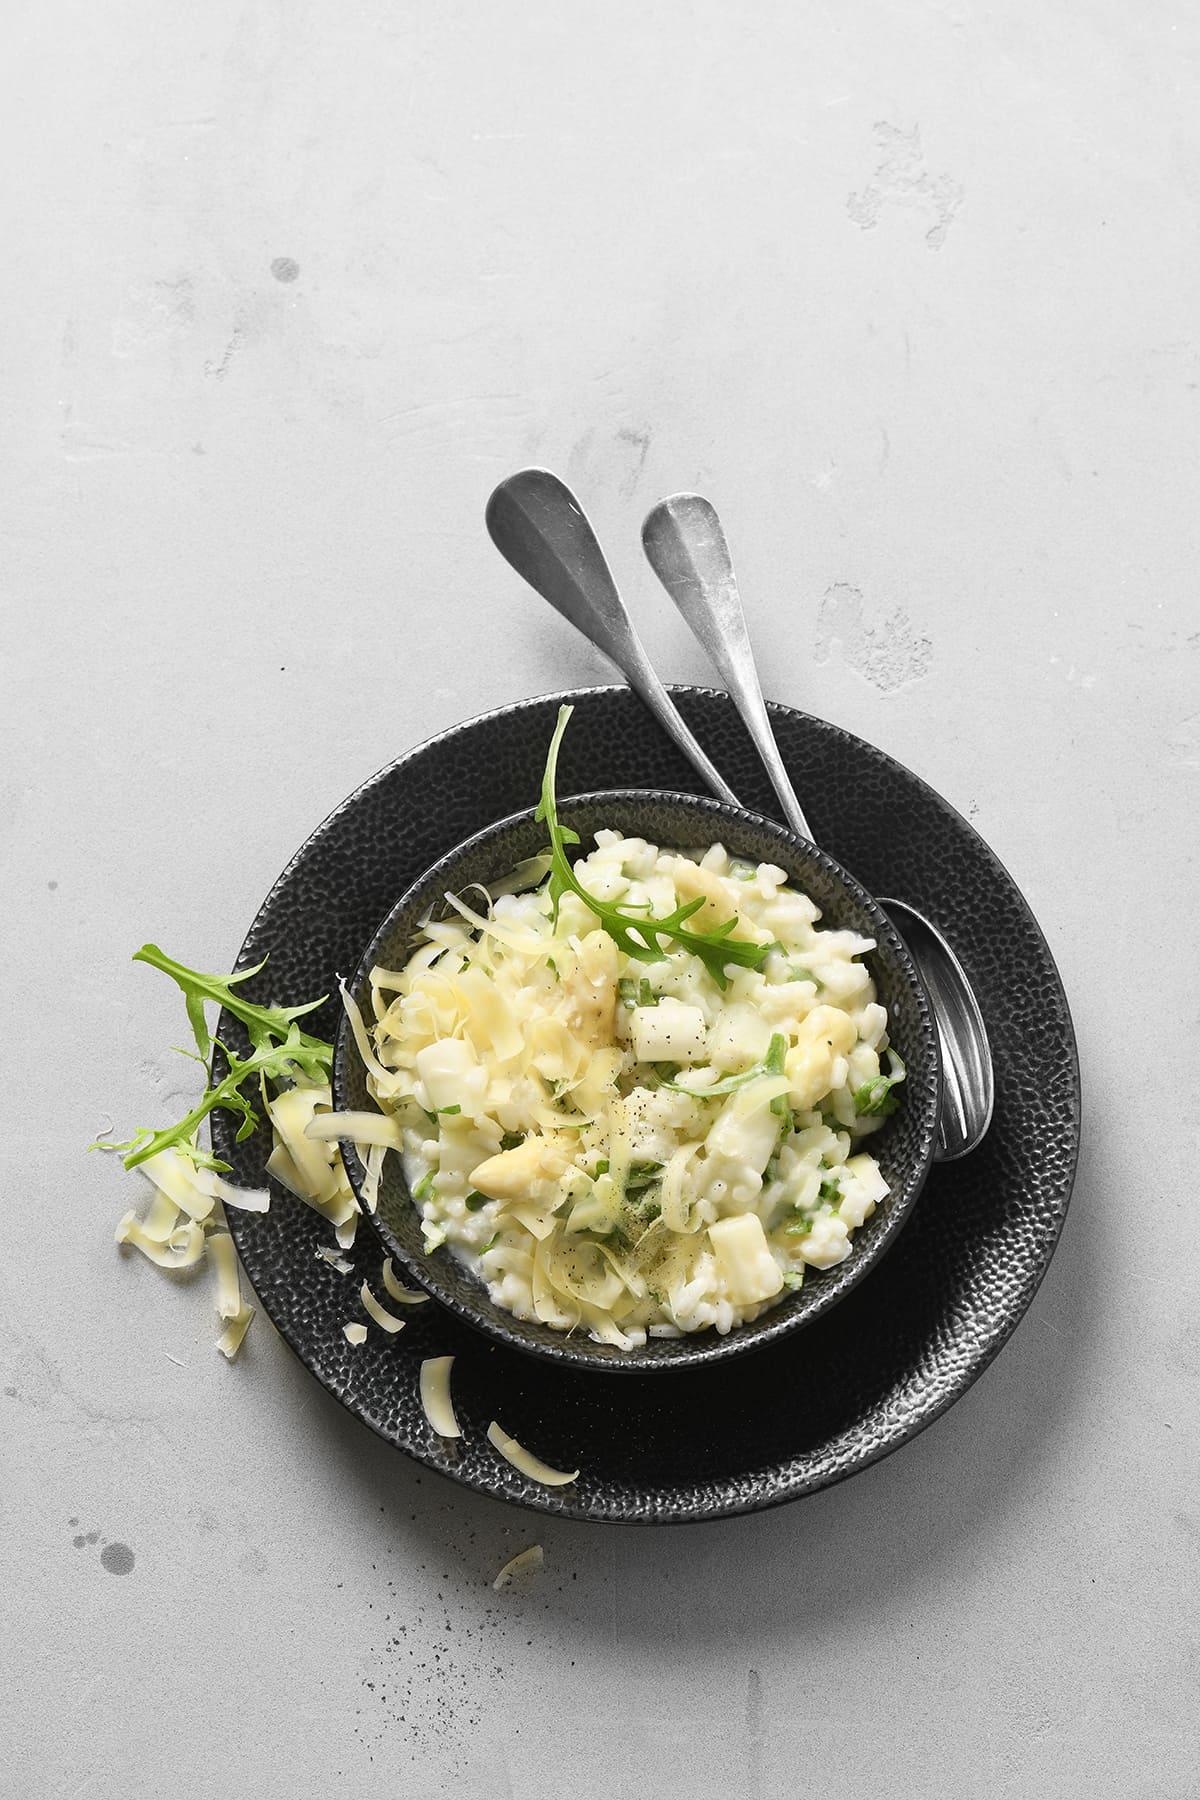 Spargel Risotto von Antje Plewinski Foodfotografie